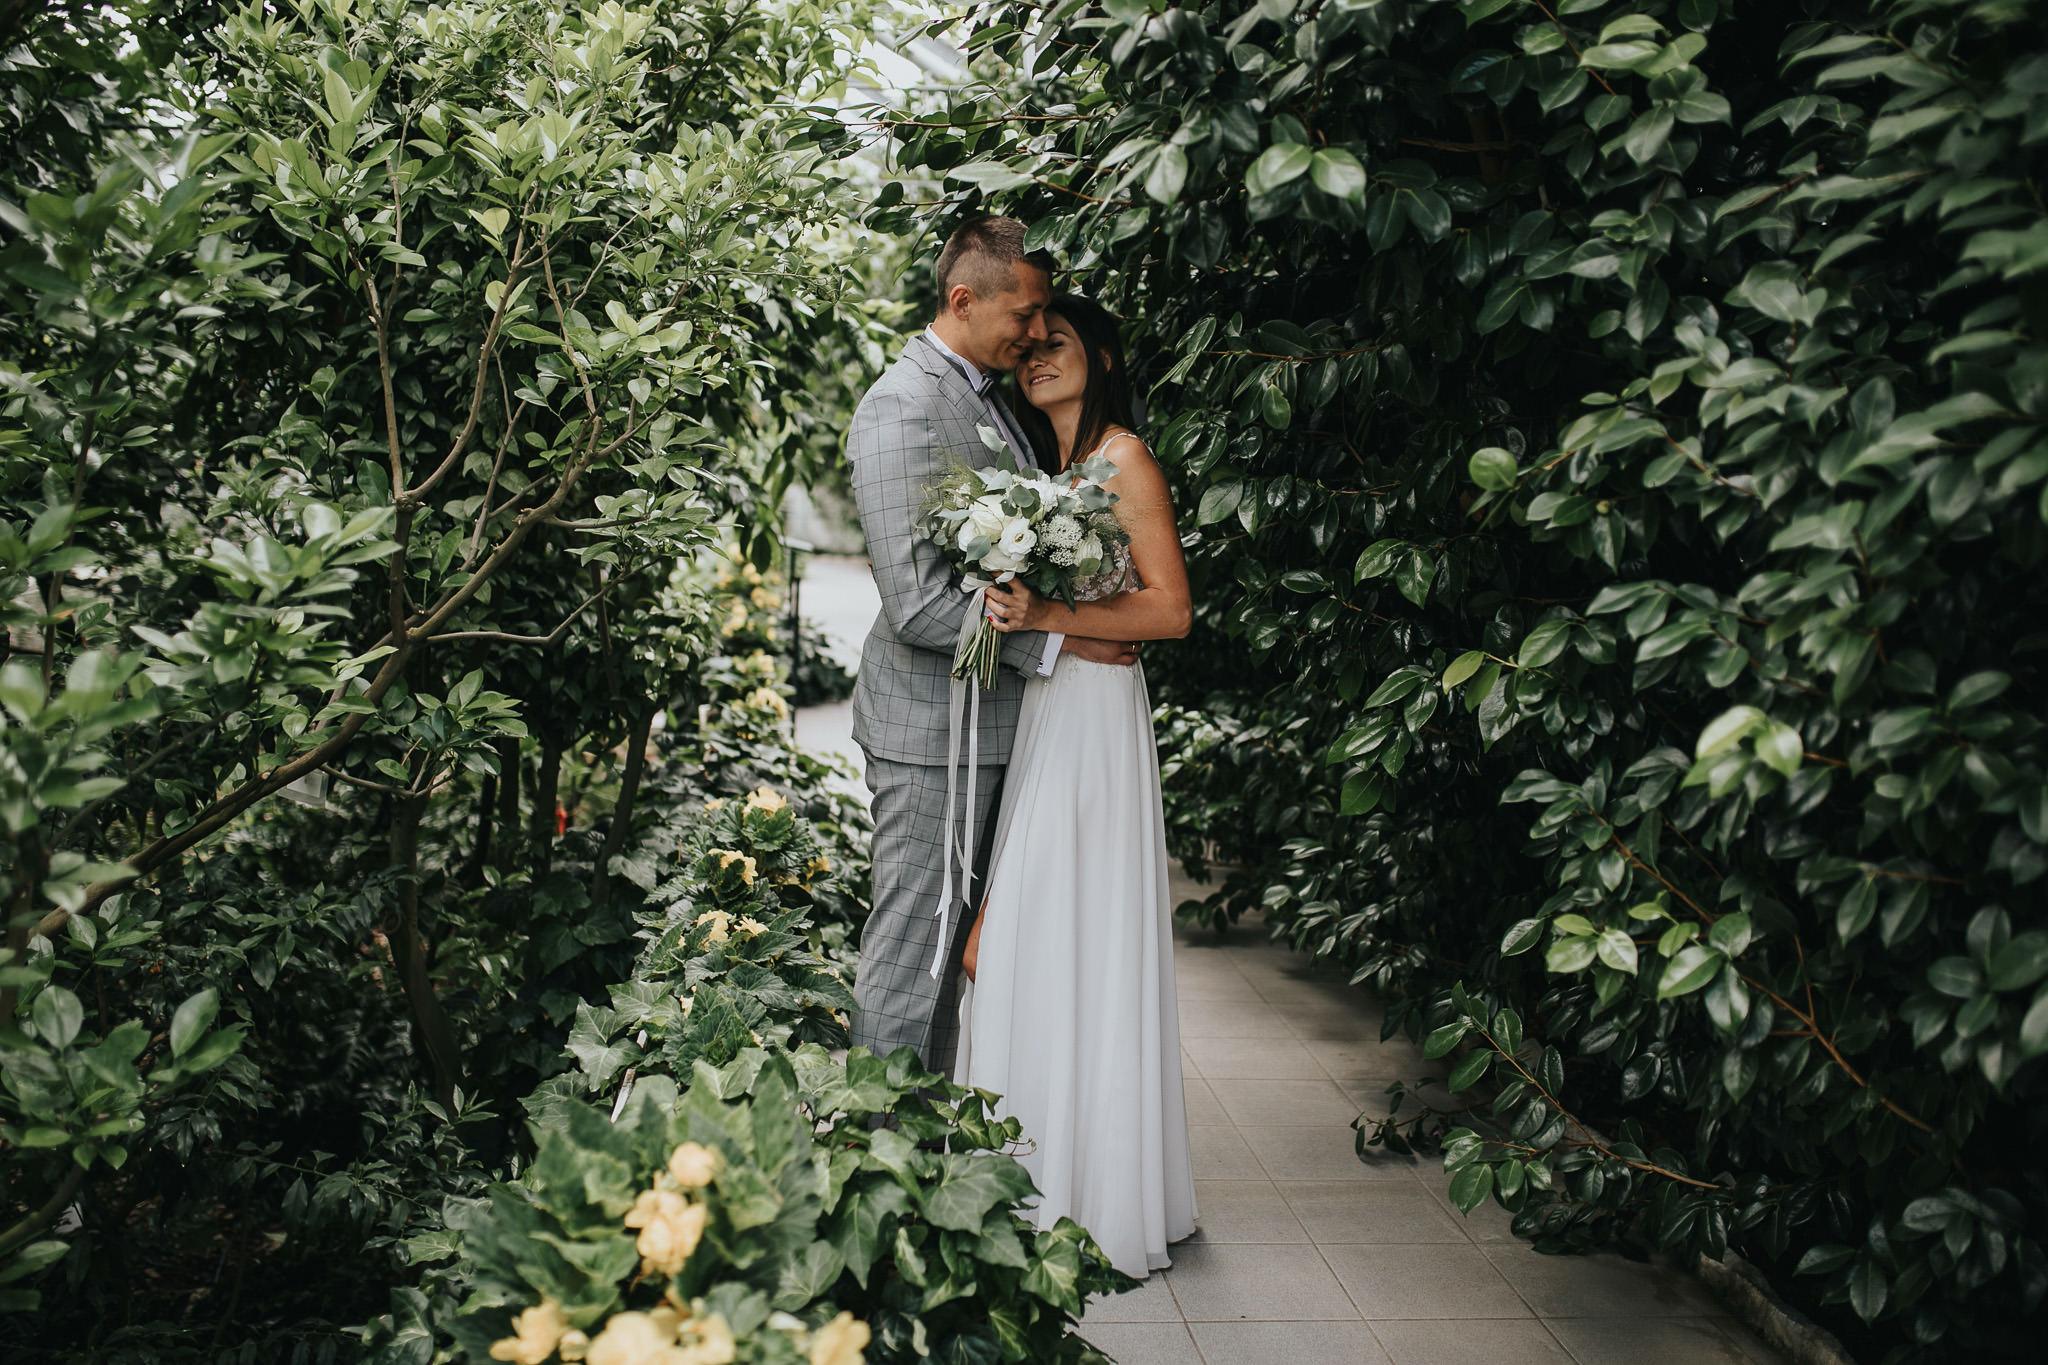 Sesja poślubna w oranżerii 19